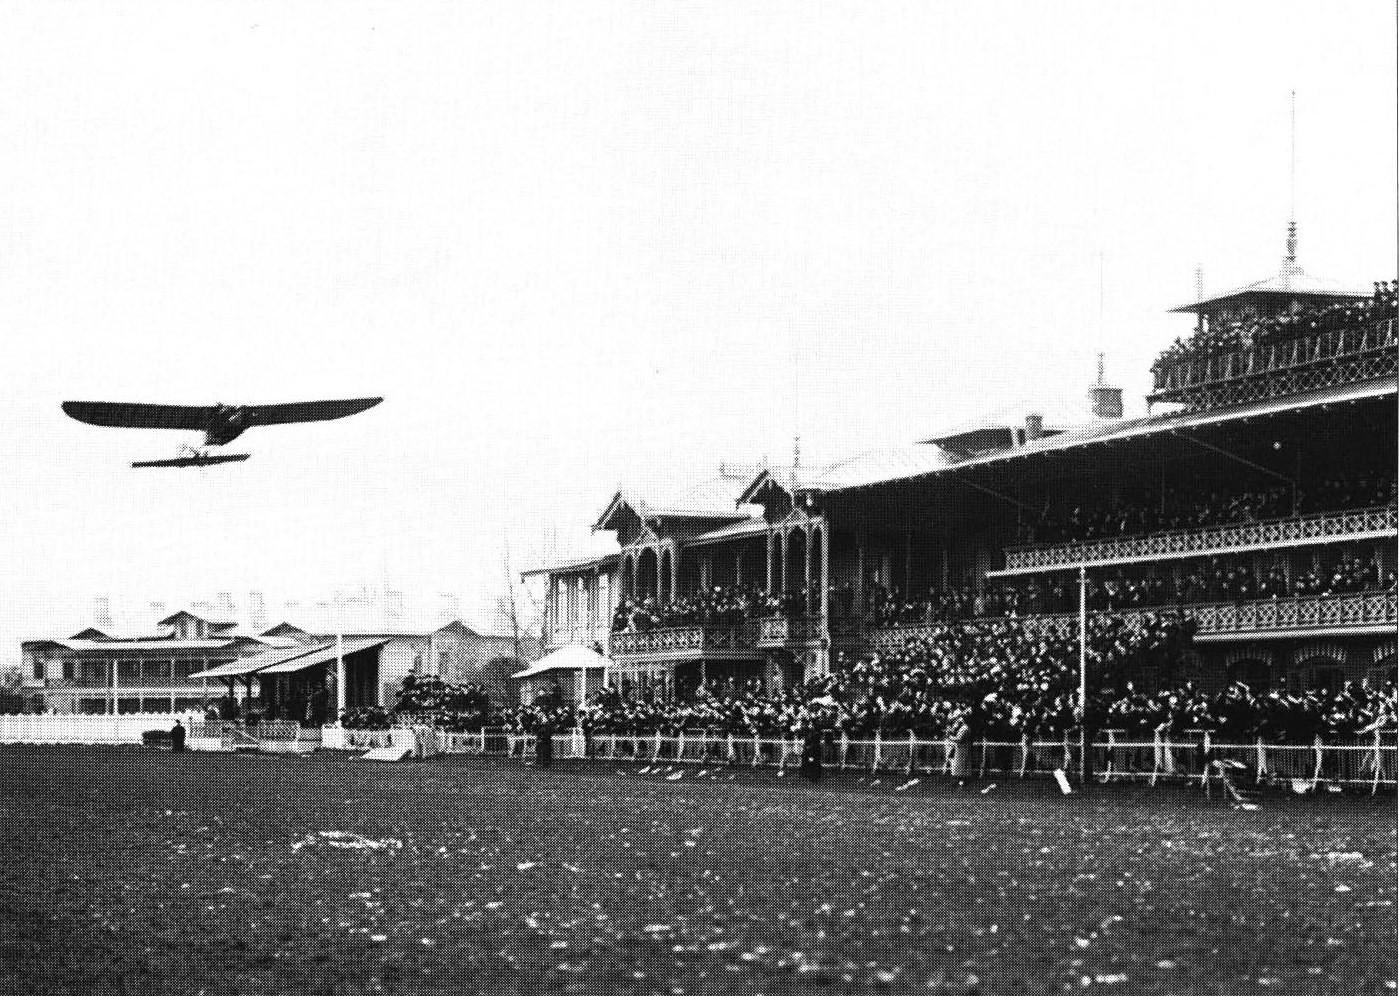 1910. Коломяжский ипподром. Моноплан пролетает вдоль трибун